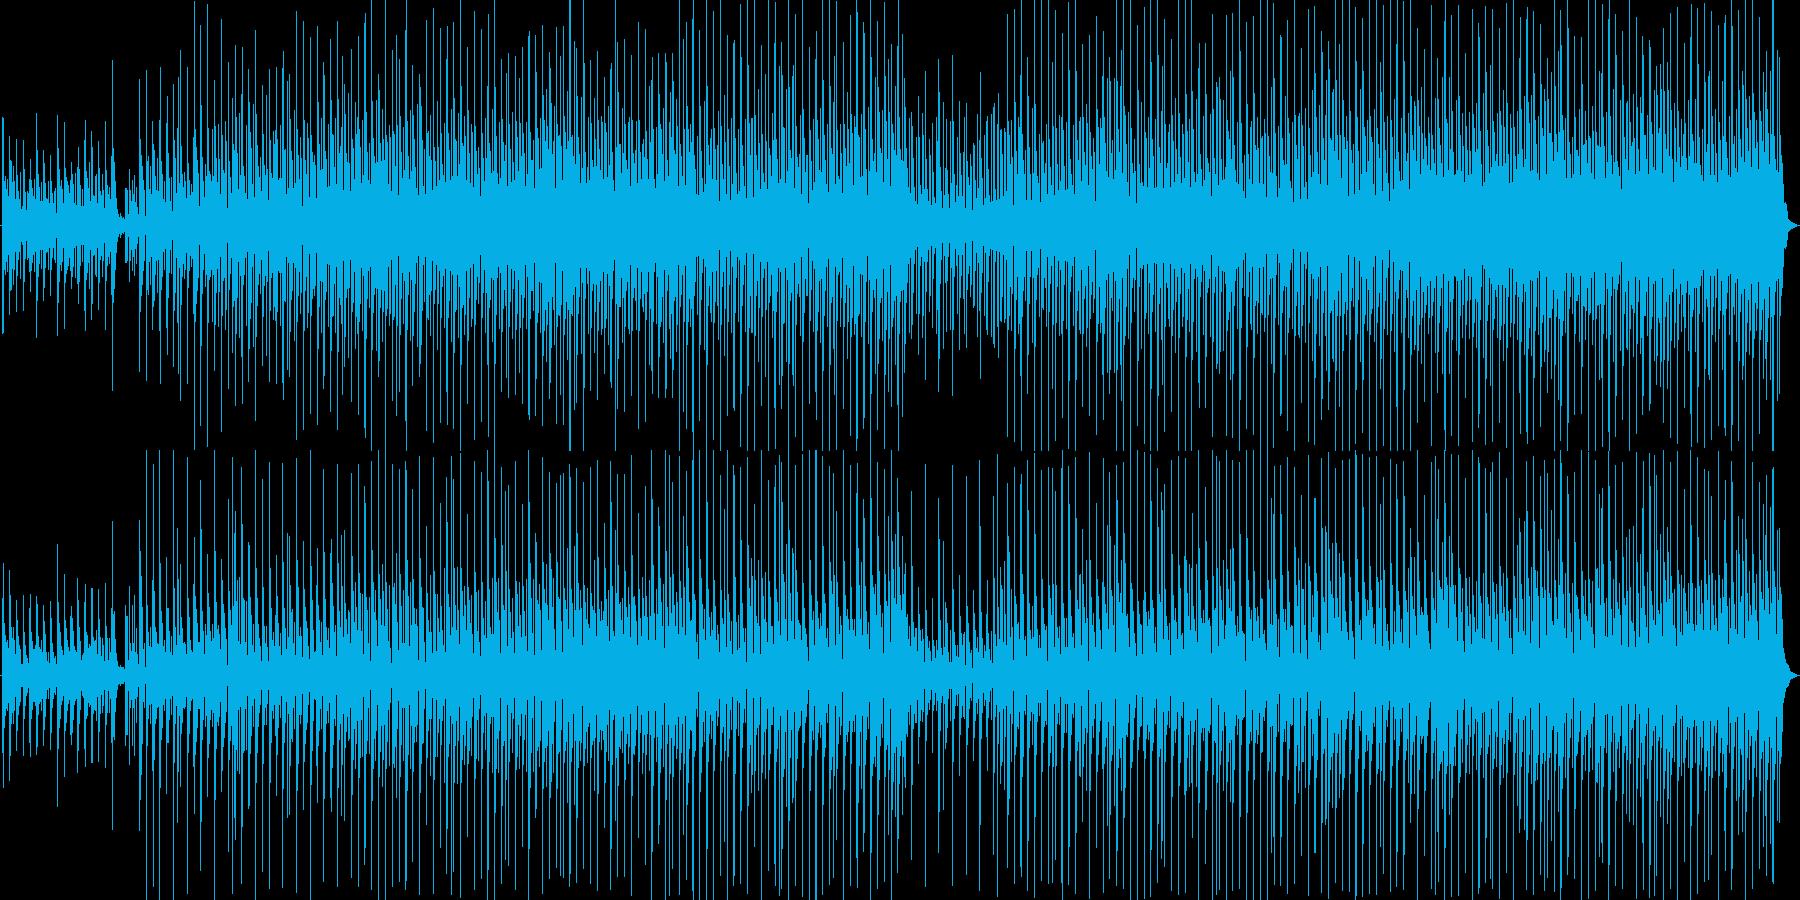 ほのぼの軽快なアコースティックメロディの再生済みの波形